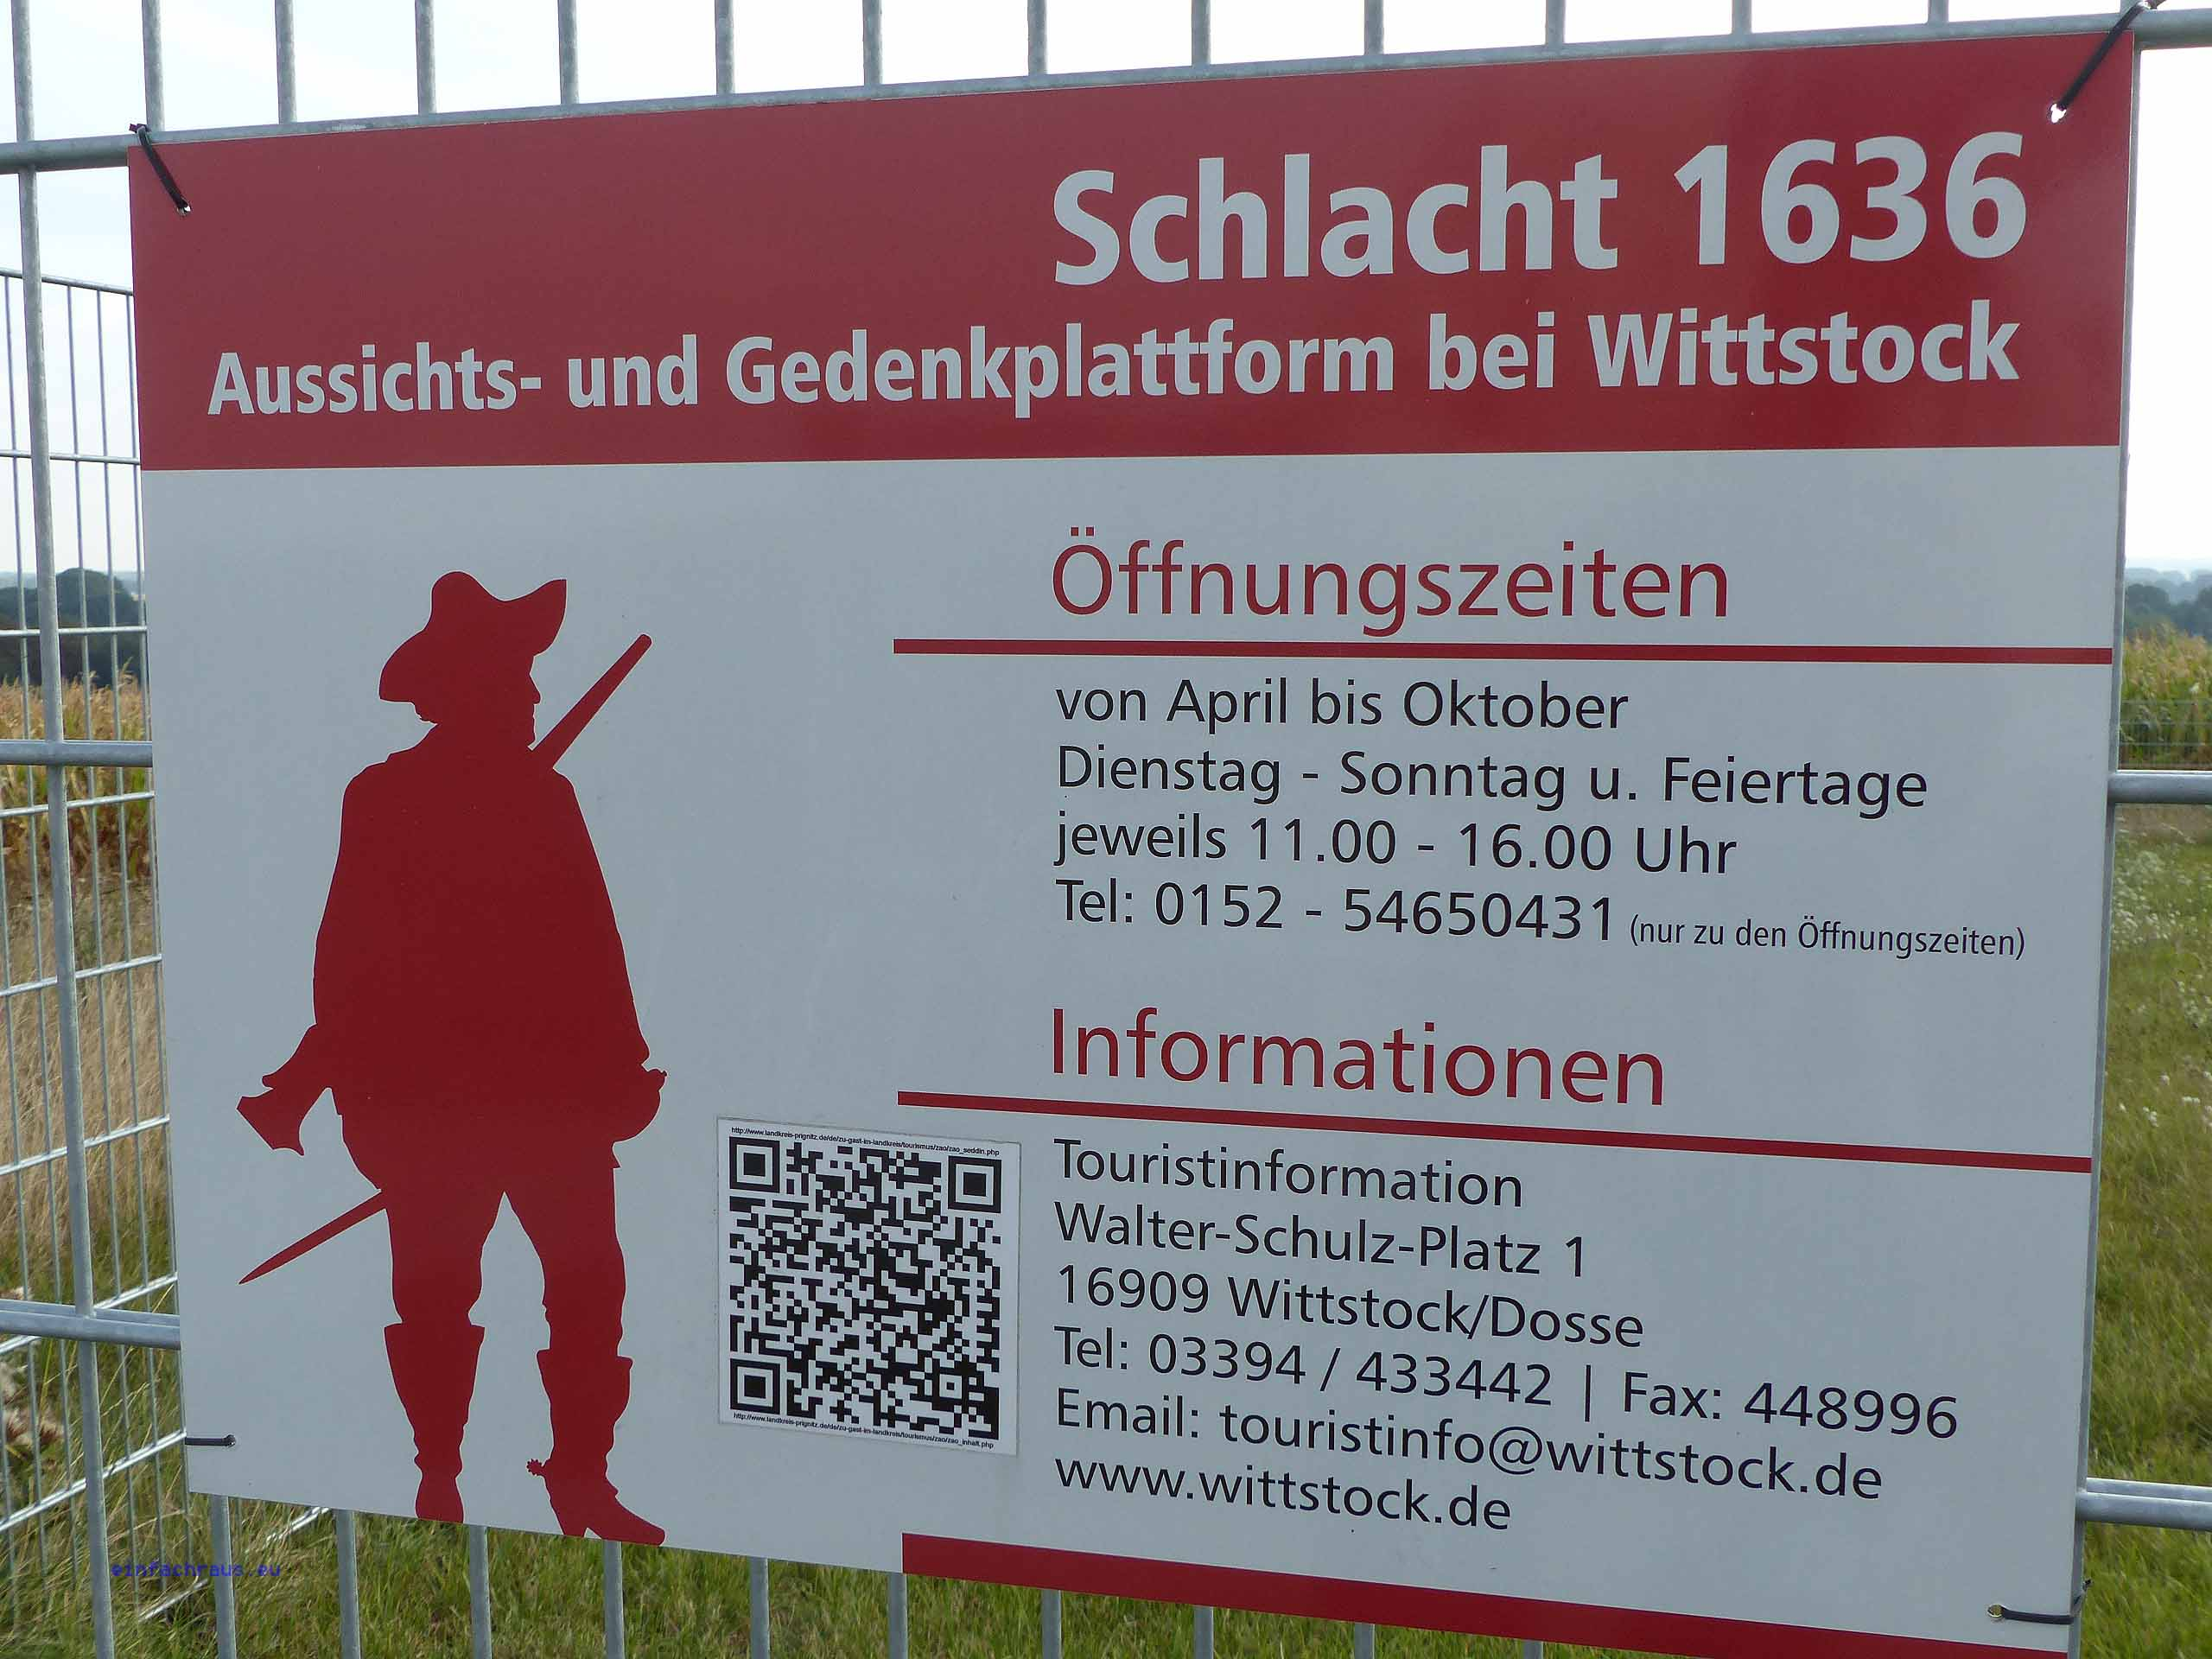 Erinnerungsstätte auf dem Scharfenberg bei Wittstock in der Prignitz, Foto: D.Weirauch